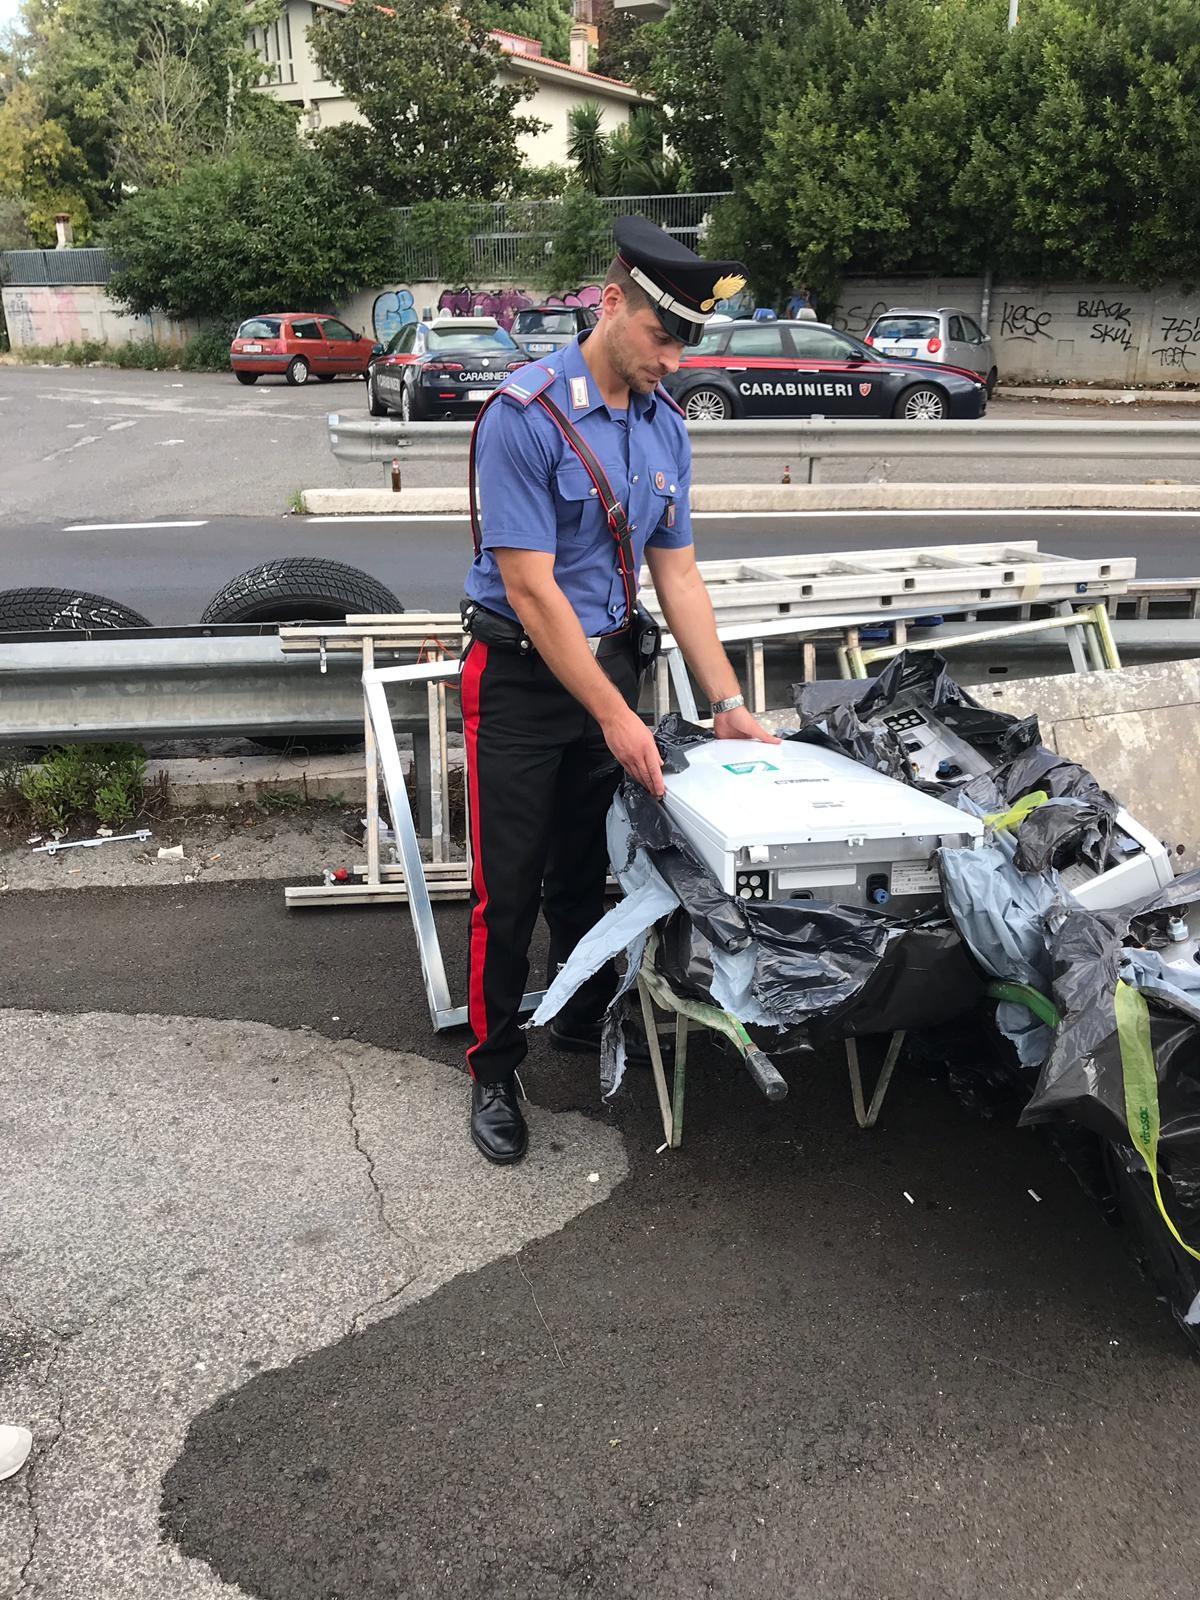 Parte della merce sequestrata dai carabinieri a Tor di Valle